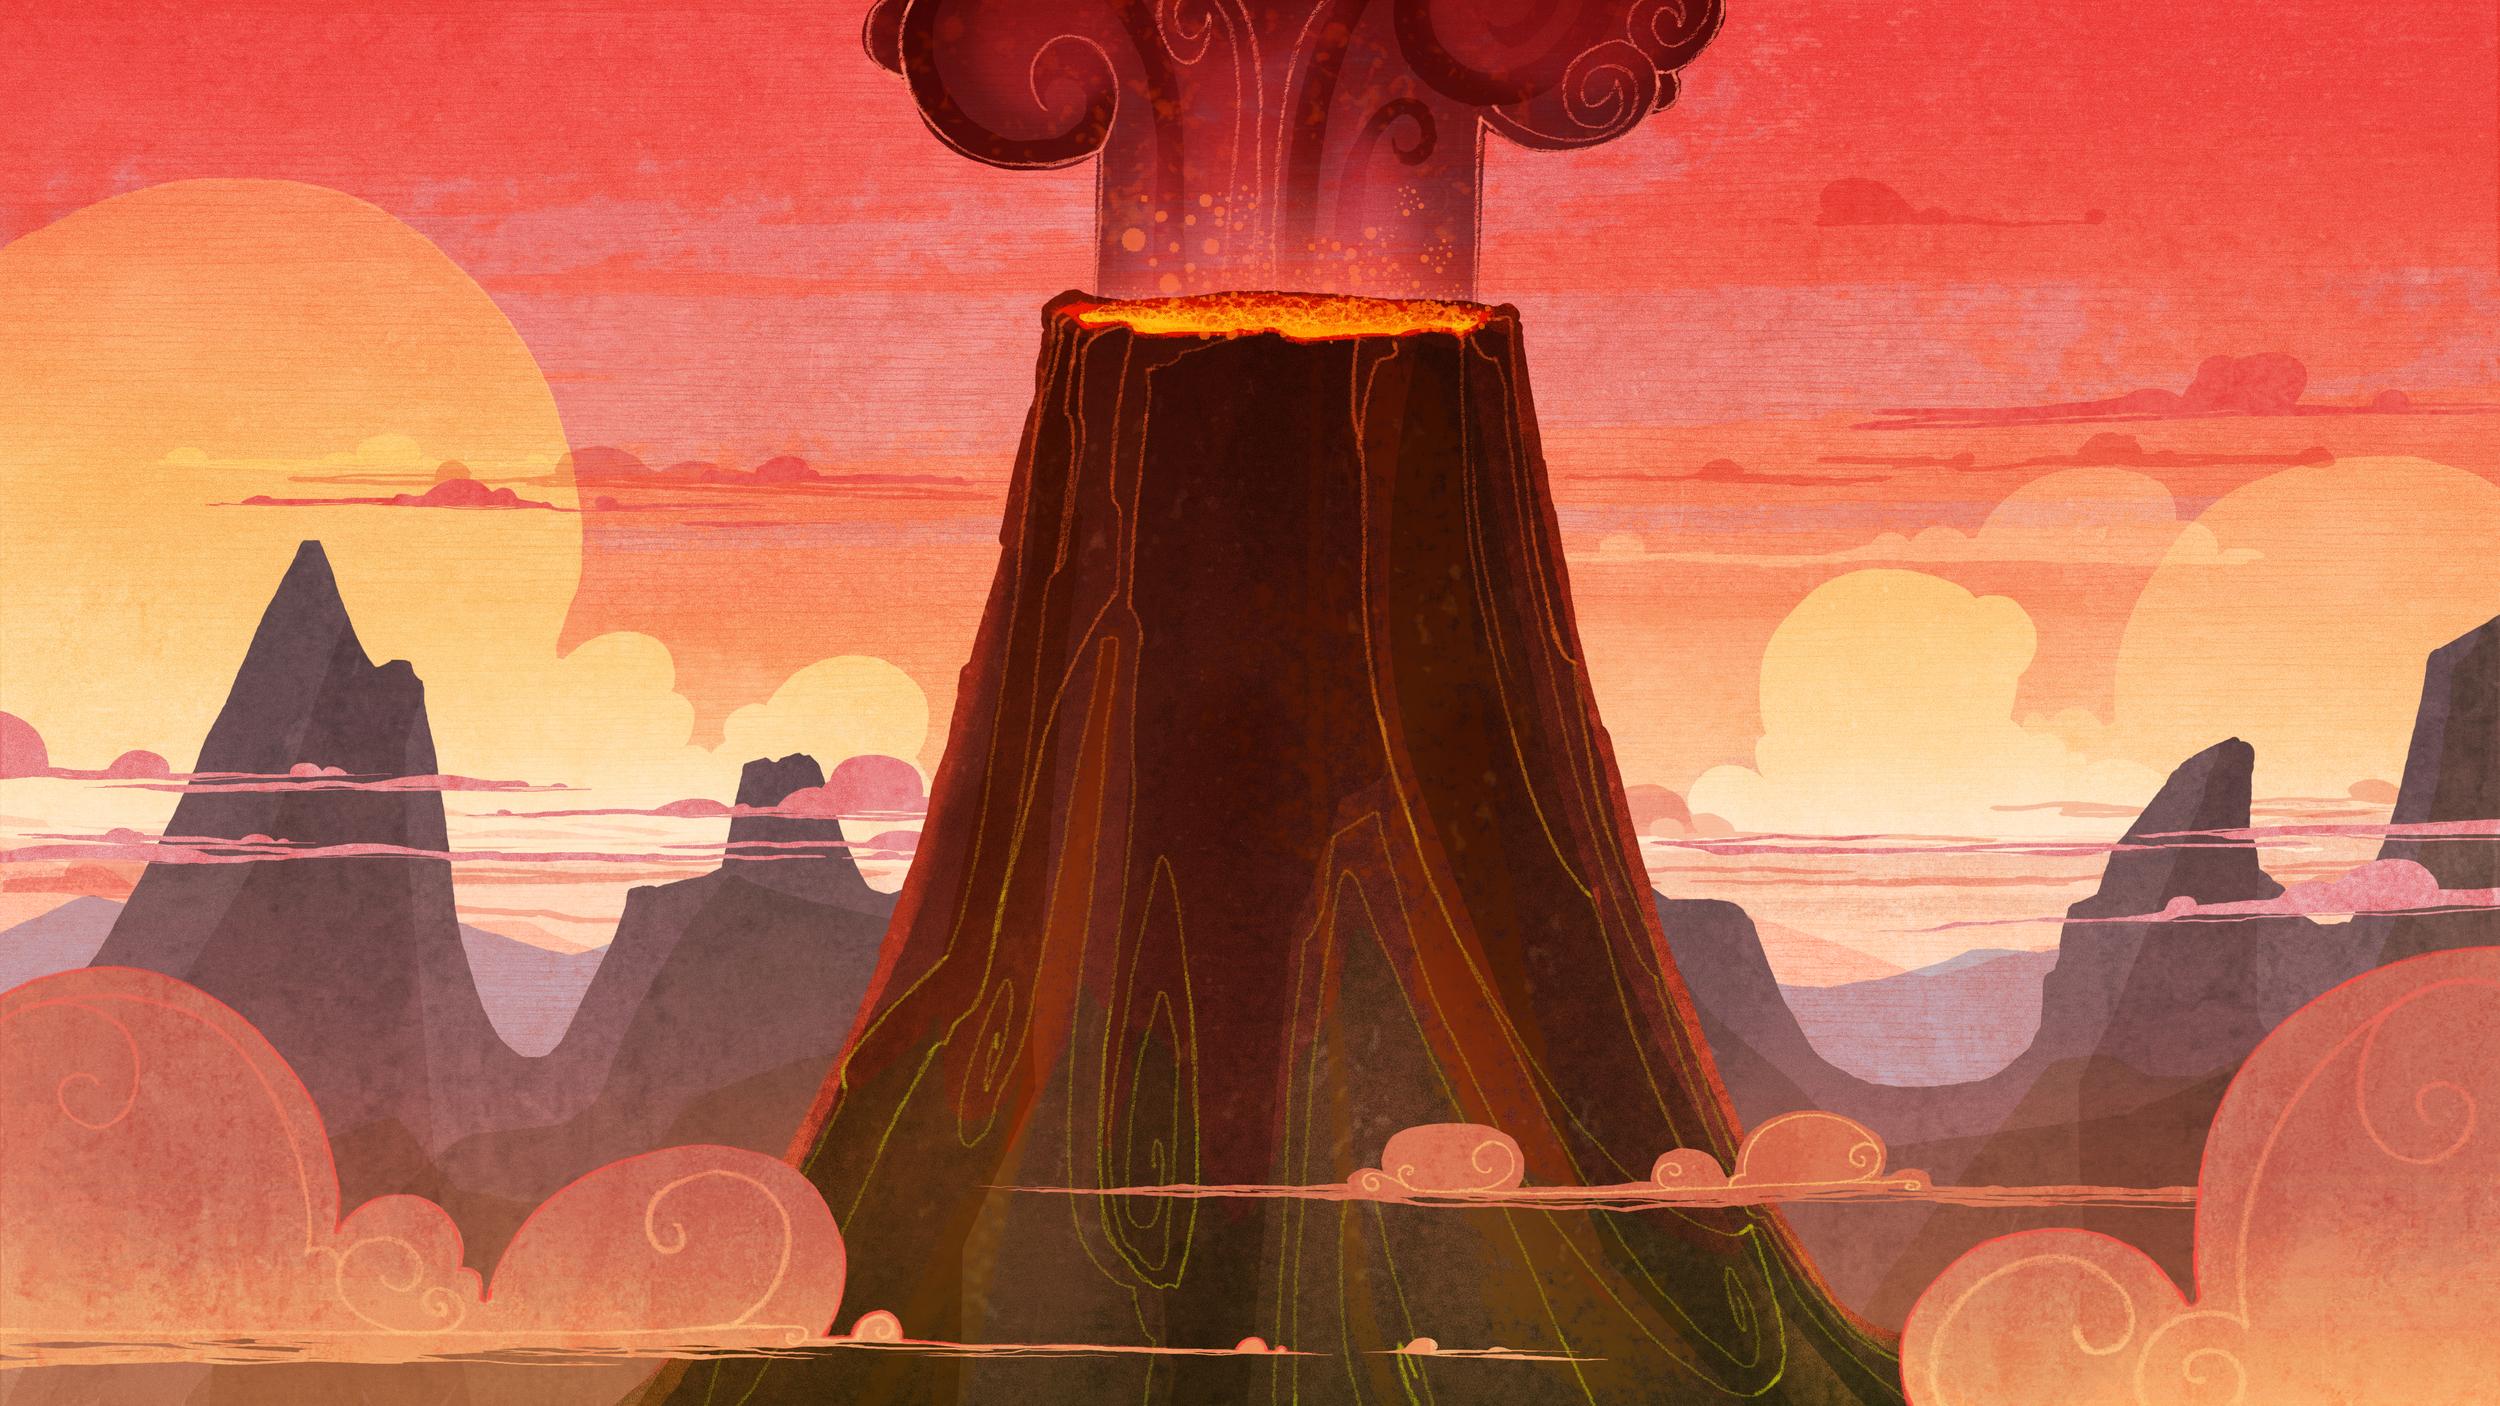 wuller_dragons_volcano.jpg